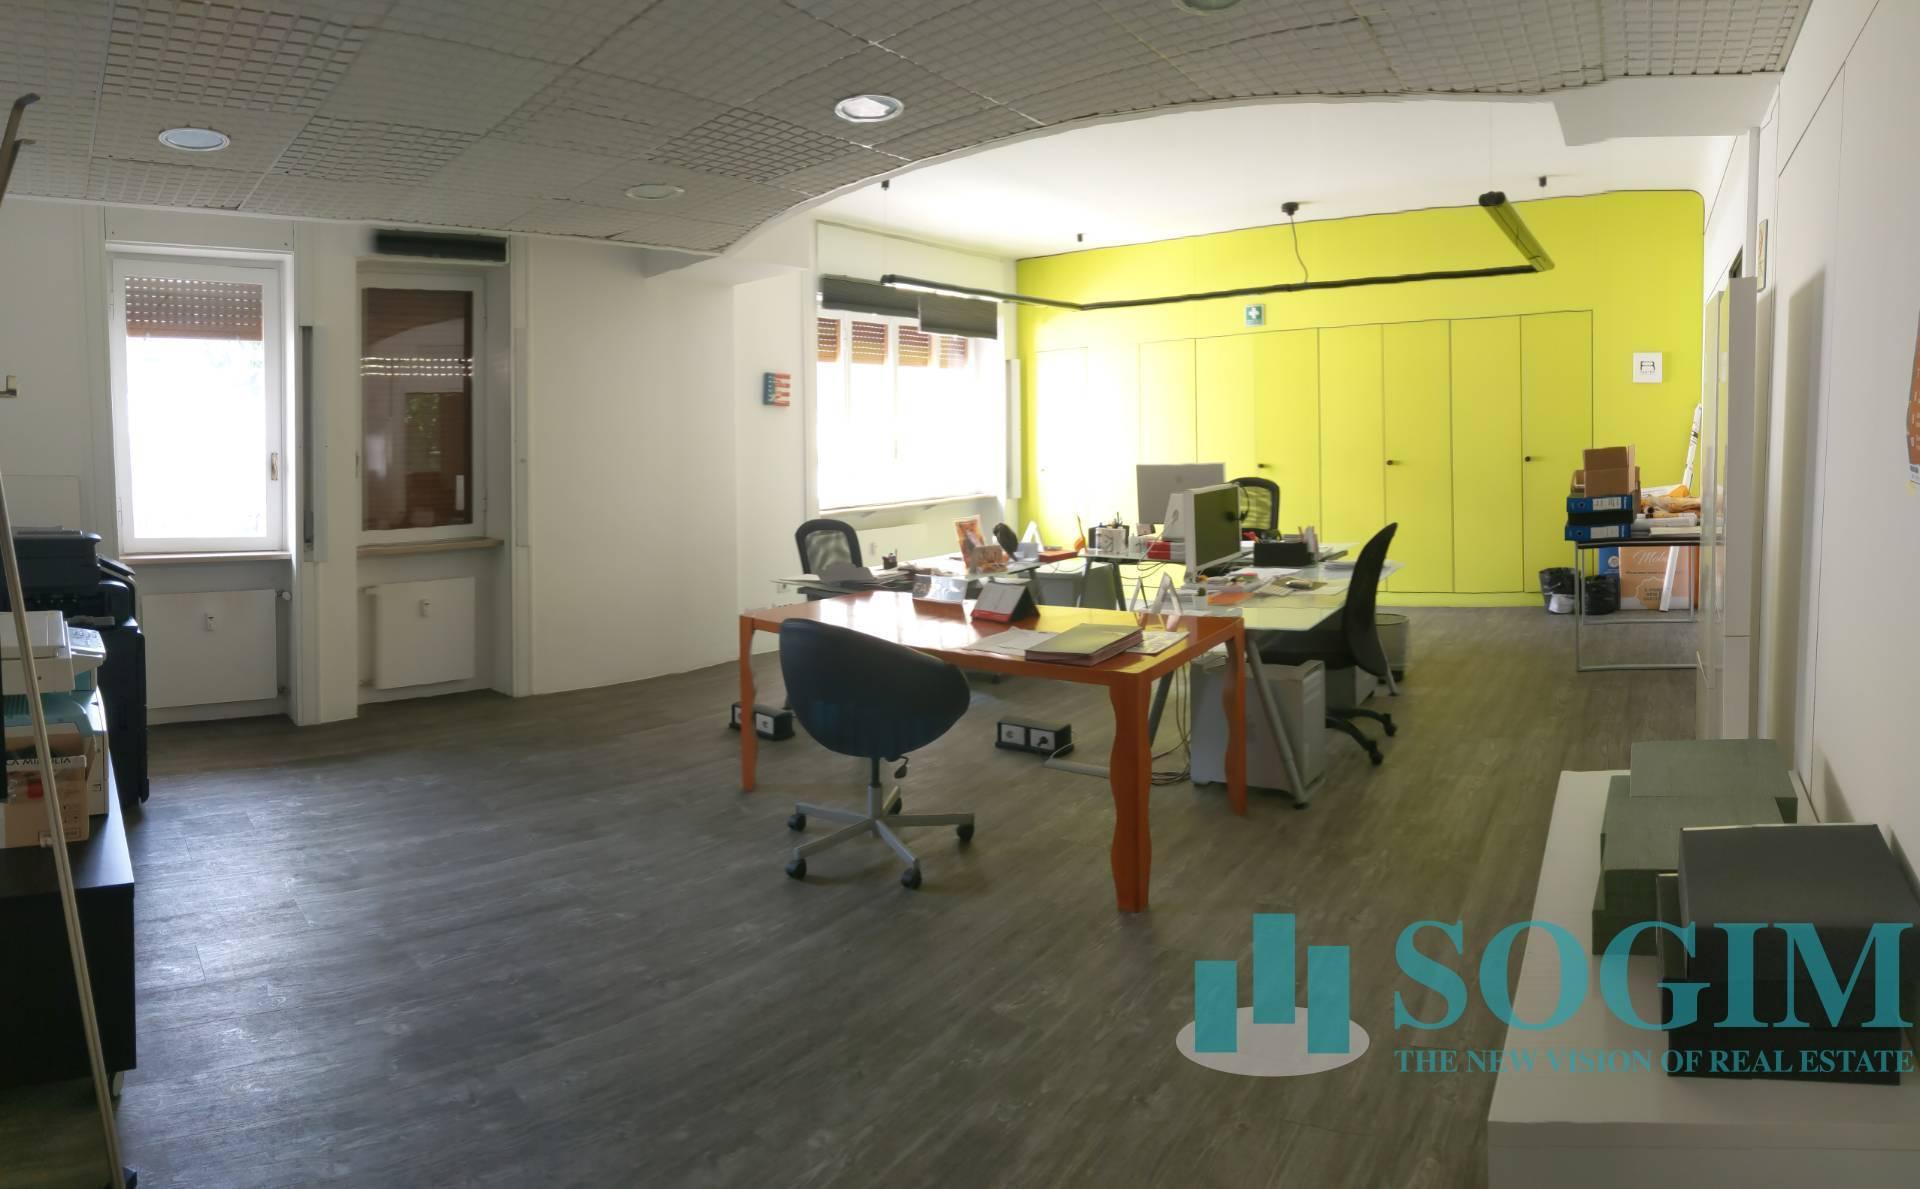 Ufficio in Affitto a Milano  rif. 20430